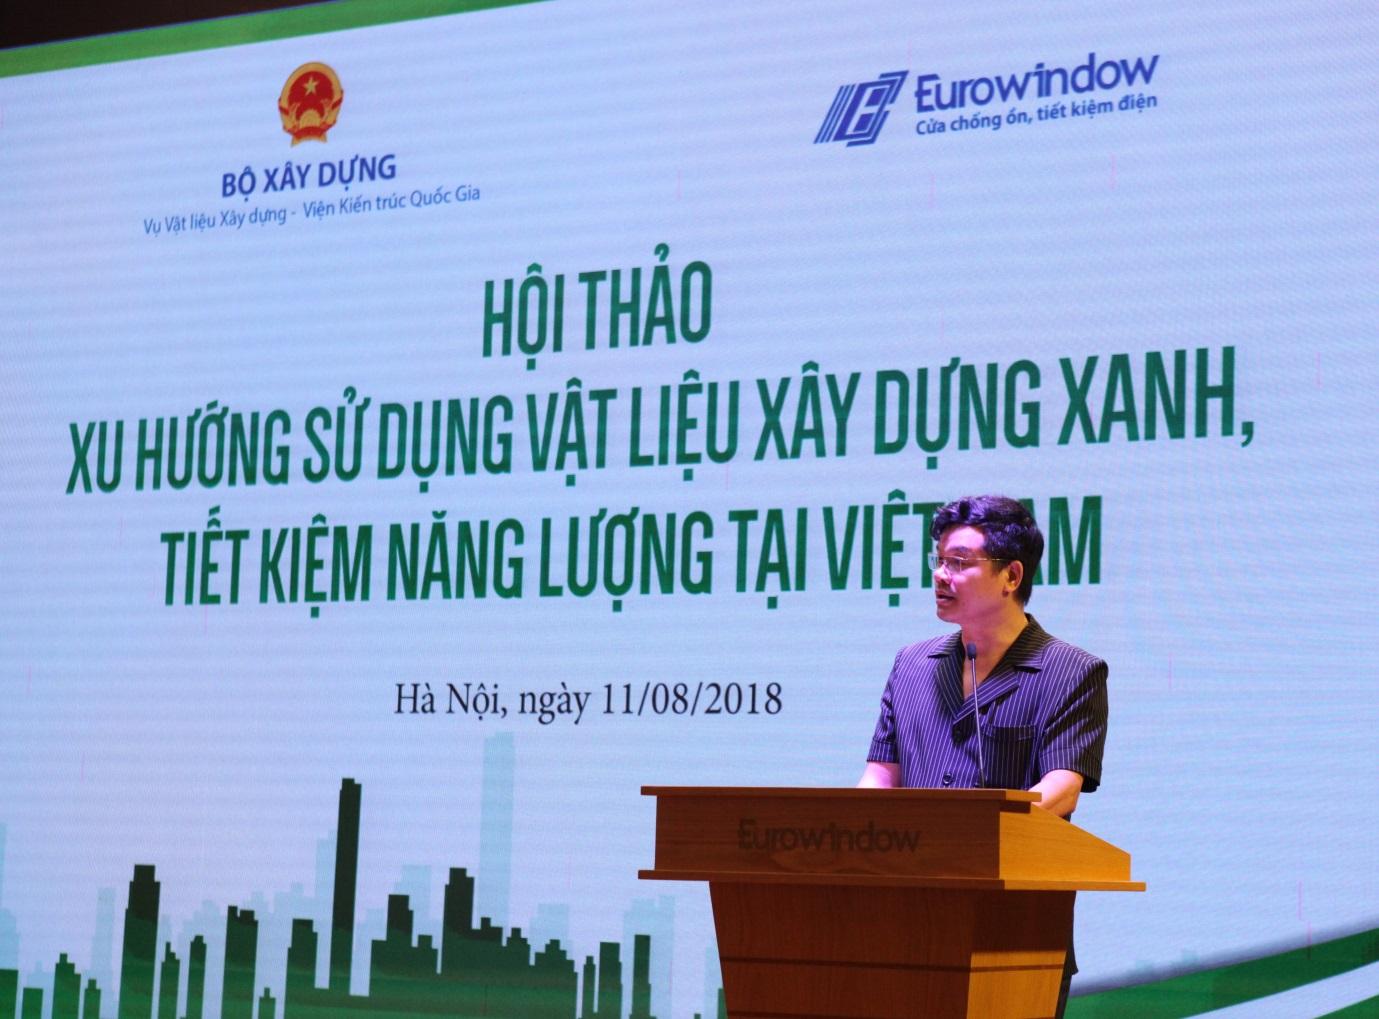 """Ông Phạm Văn Bắc - Vụ trưởng Vụ vật liệu xây dựng (Bộ Xây dựng) phát biểu tại hội thảo """"Xu hướng sử dụng vật liệu xây dựng xanh, tiết kiệm năng lượng tại Việt Nam""""."""